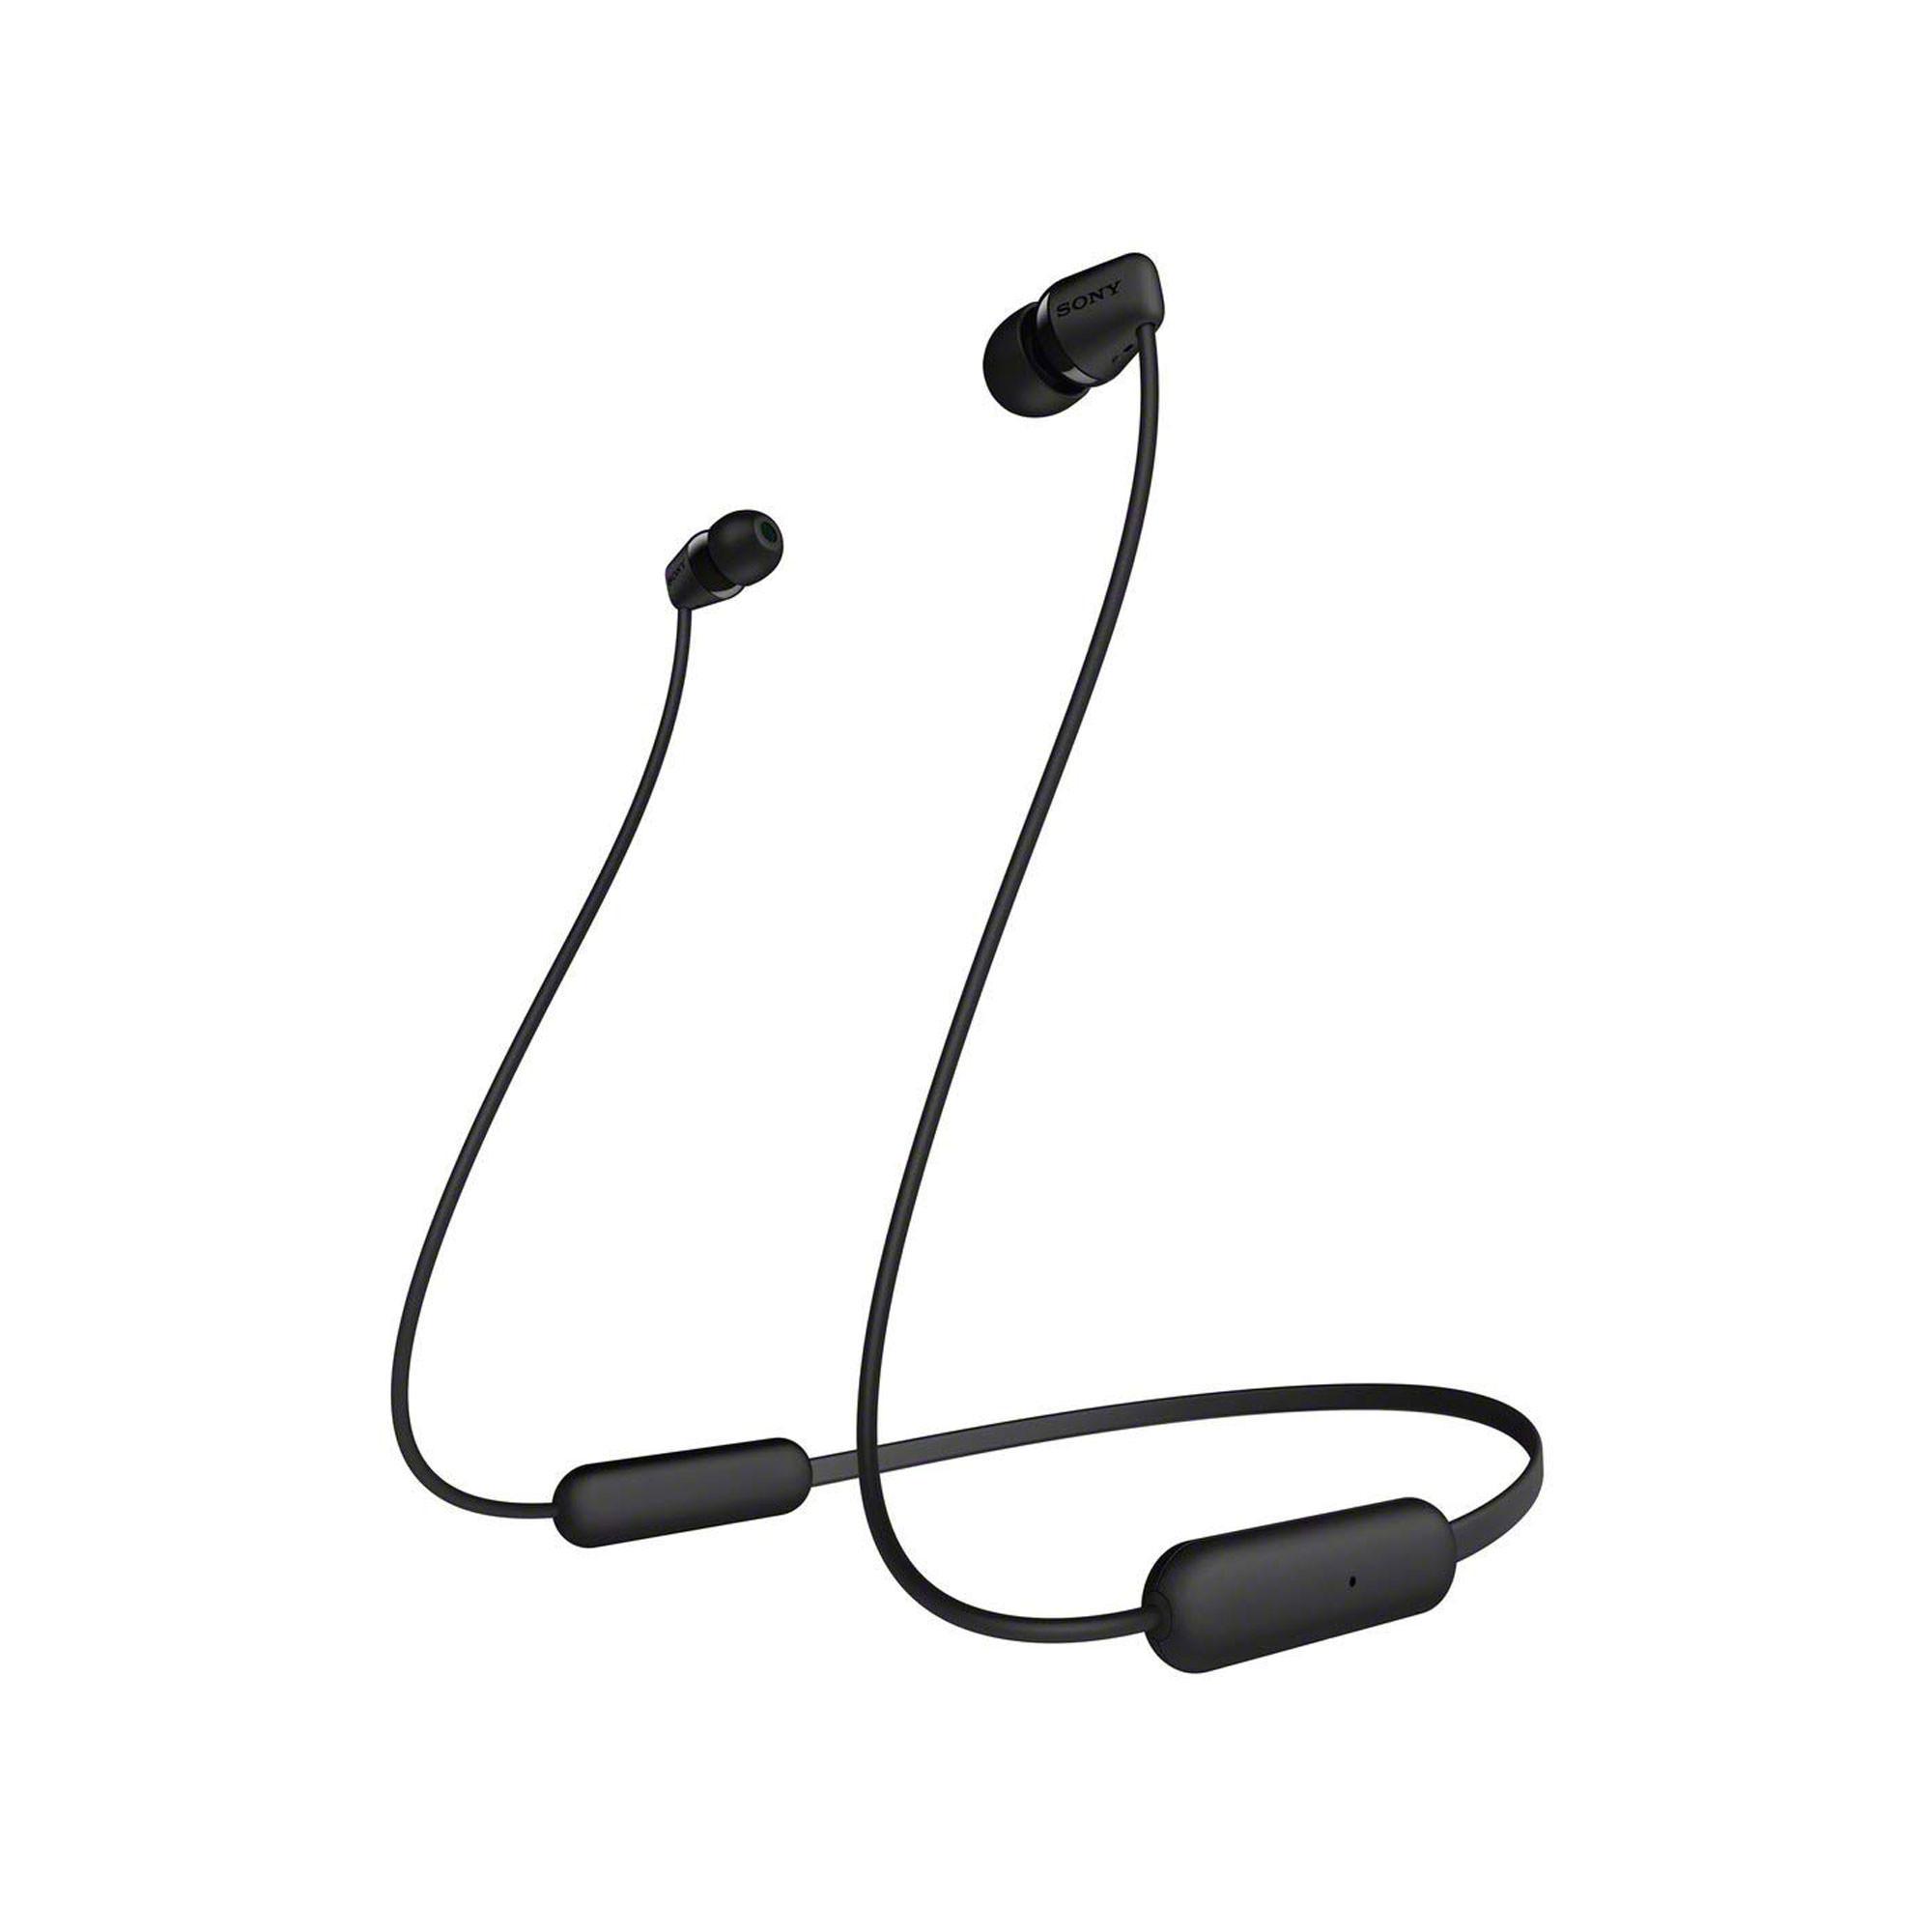 BRISWIC200BCE7: Wireless In-ear Headphones